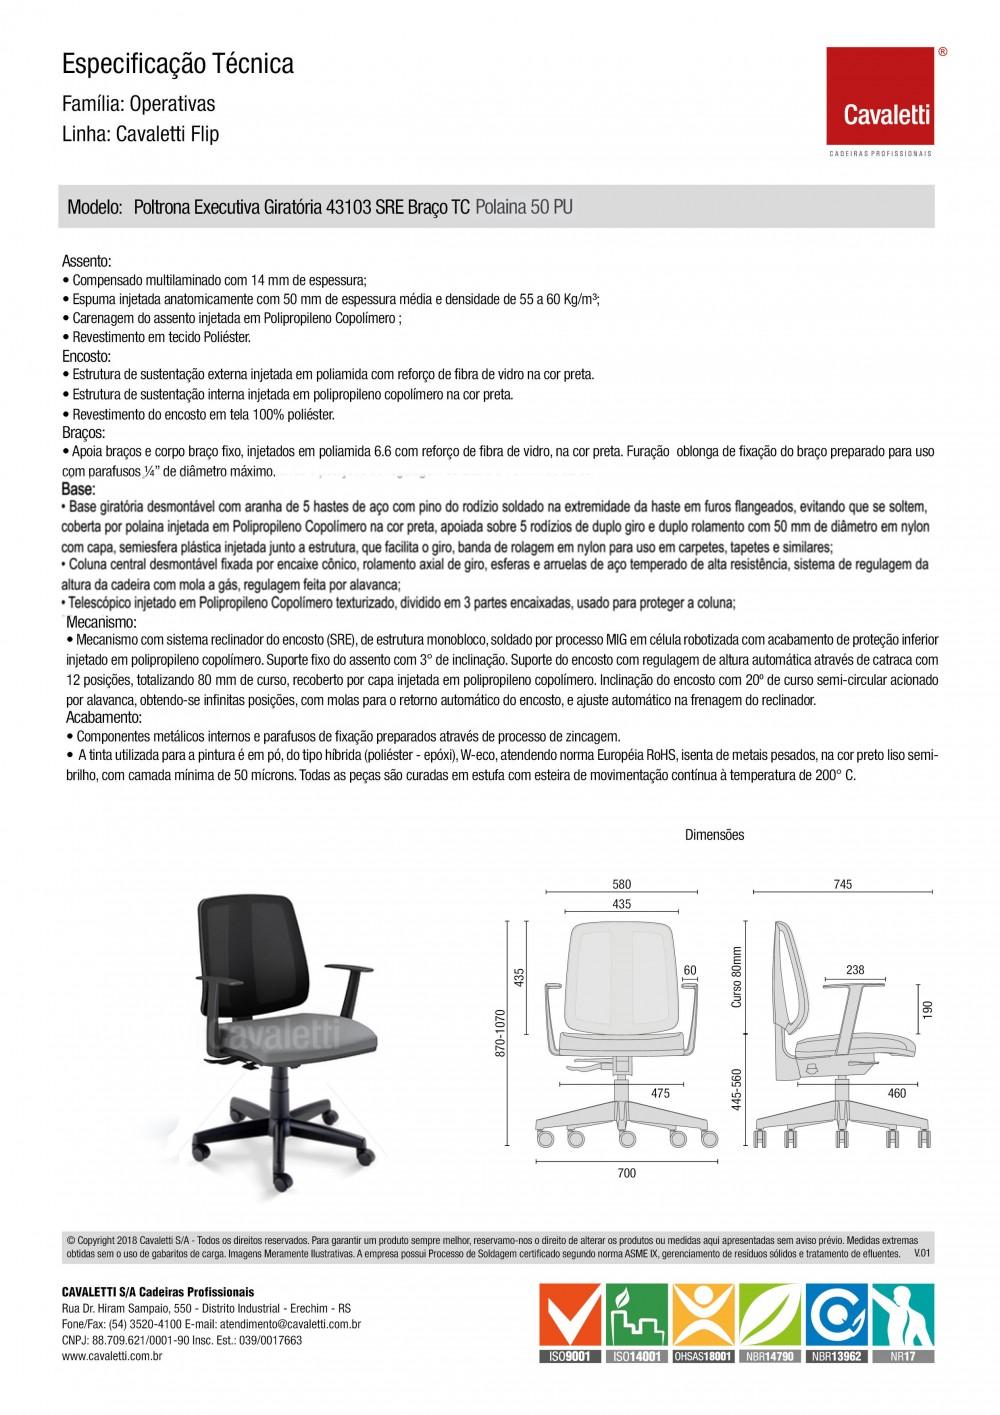 Cadeira para escritório executiva giratória 43103 SRE - Linha Flip - Braço SL - Cavaletti - Aranha POLAINA -